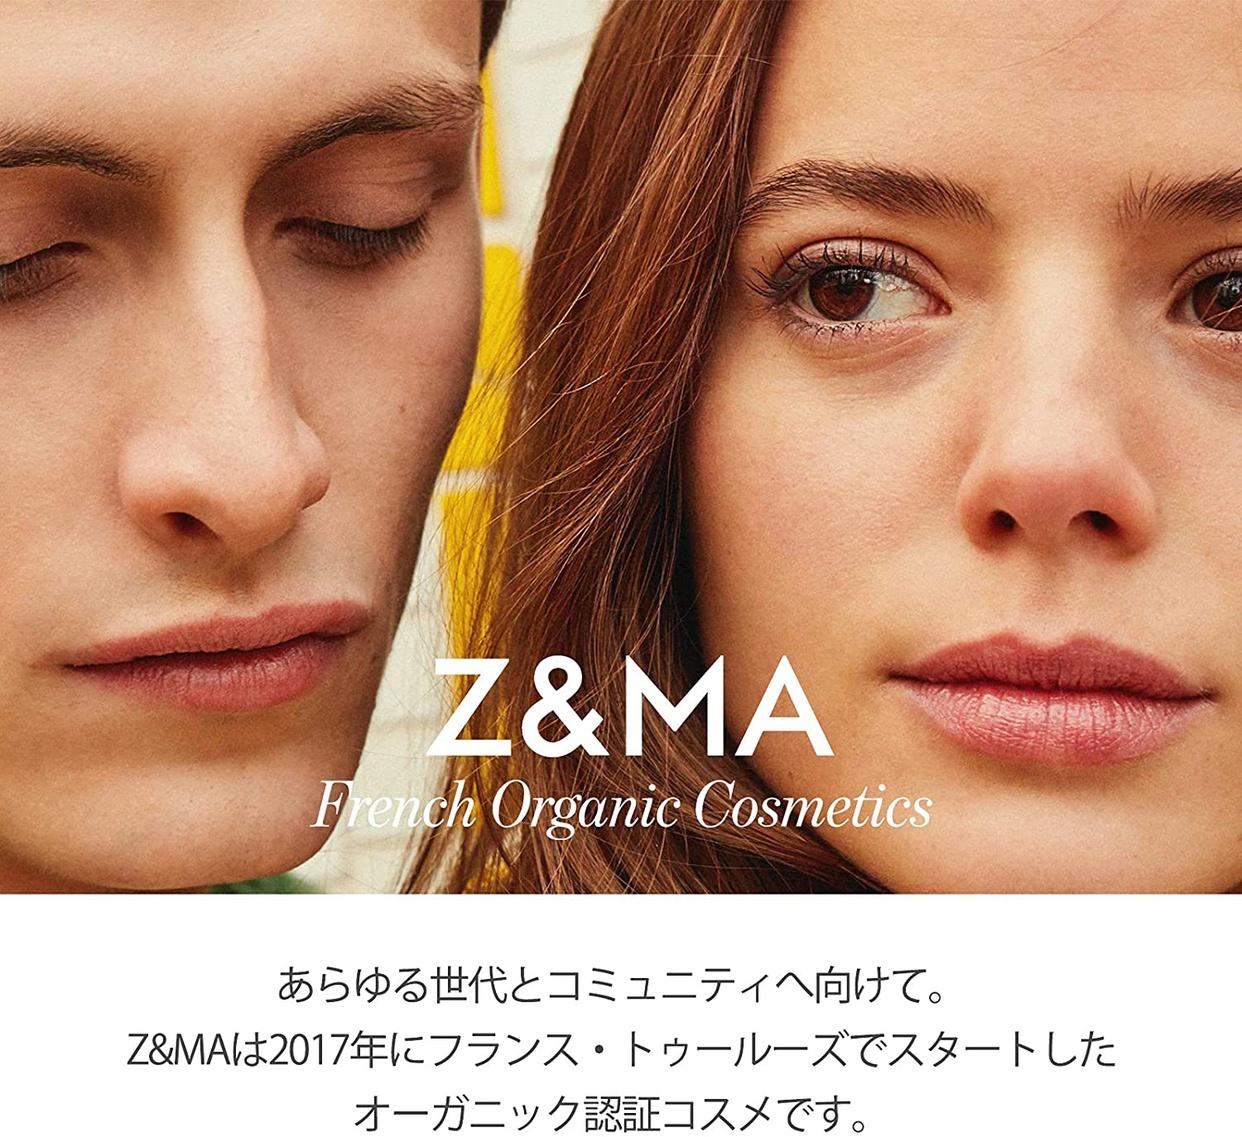 Z&MA(ゼットエマ) リフレッシュロールオン デオガールズの商品画像2